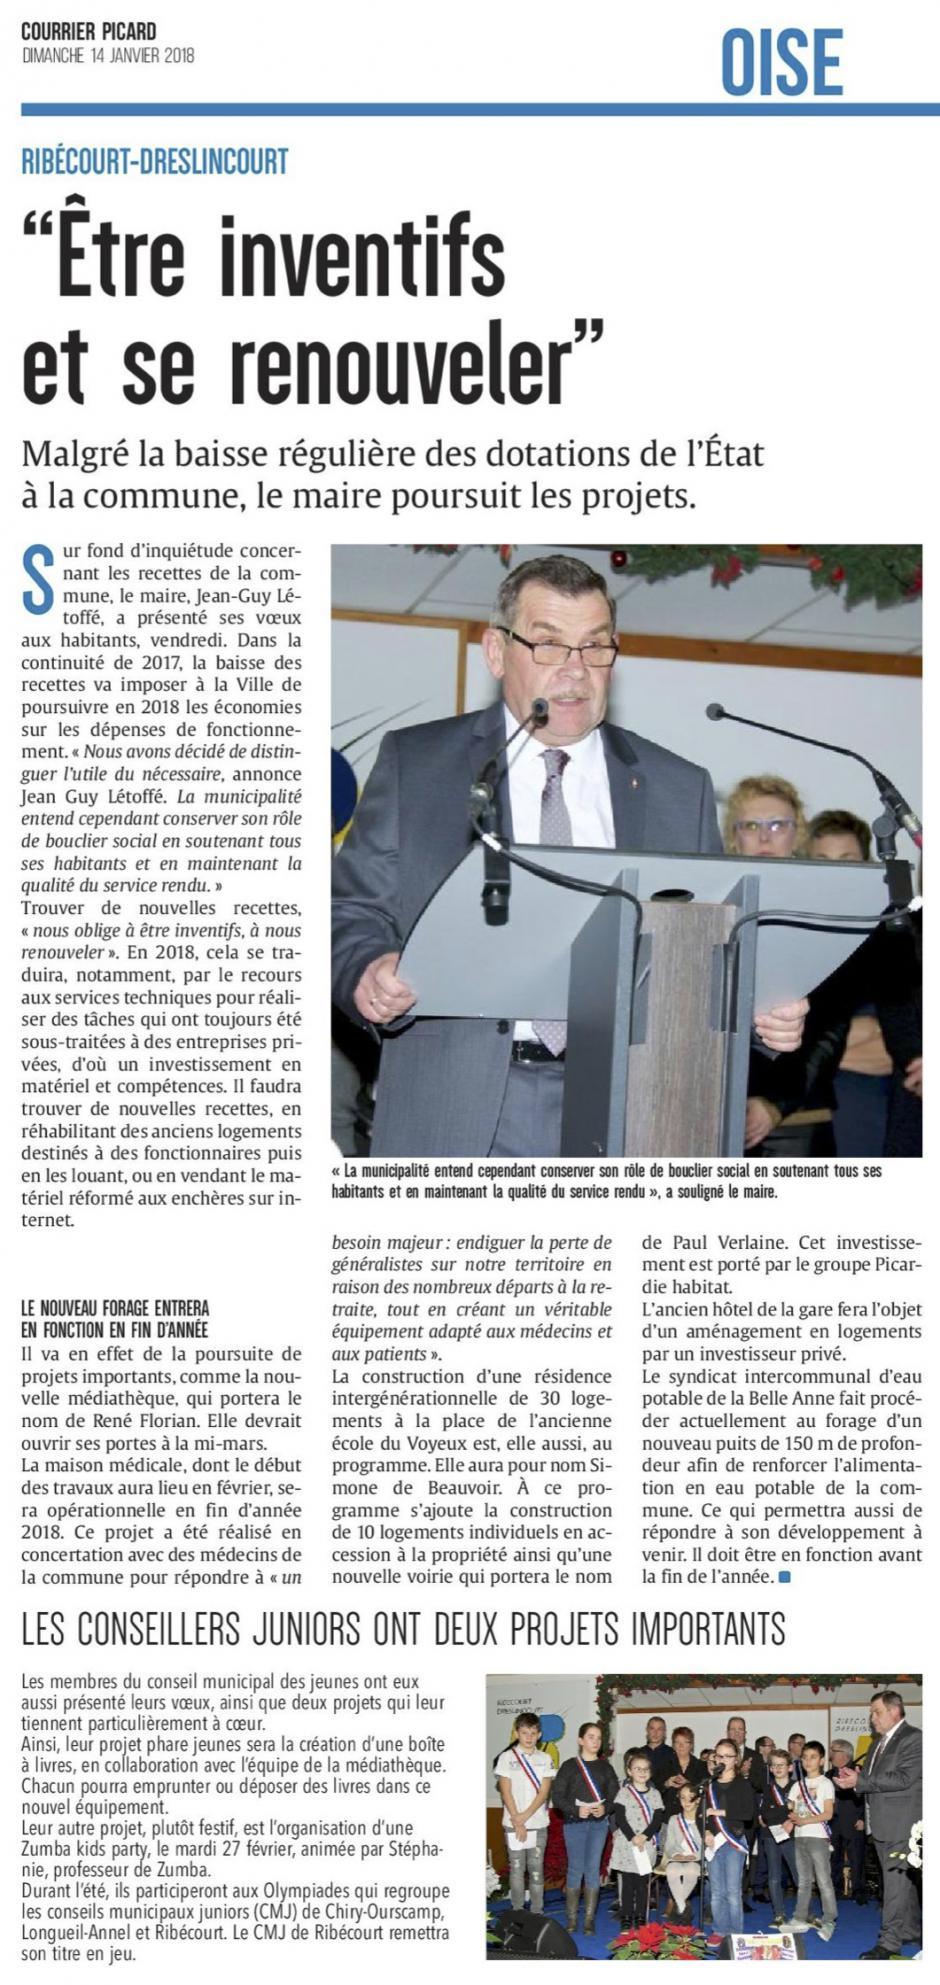 20180114-CP-Ribécourt-Dreslincourt-Jean-Guy Létoffé : « Être inventifs et se renouveler »